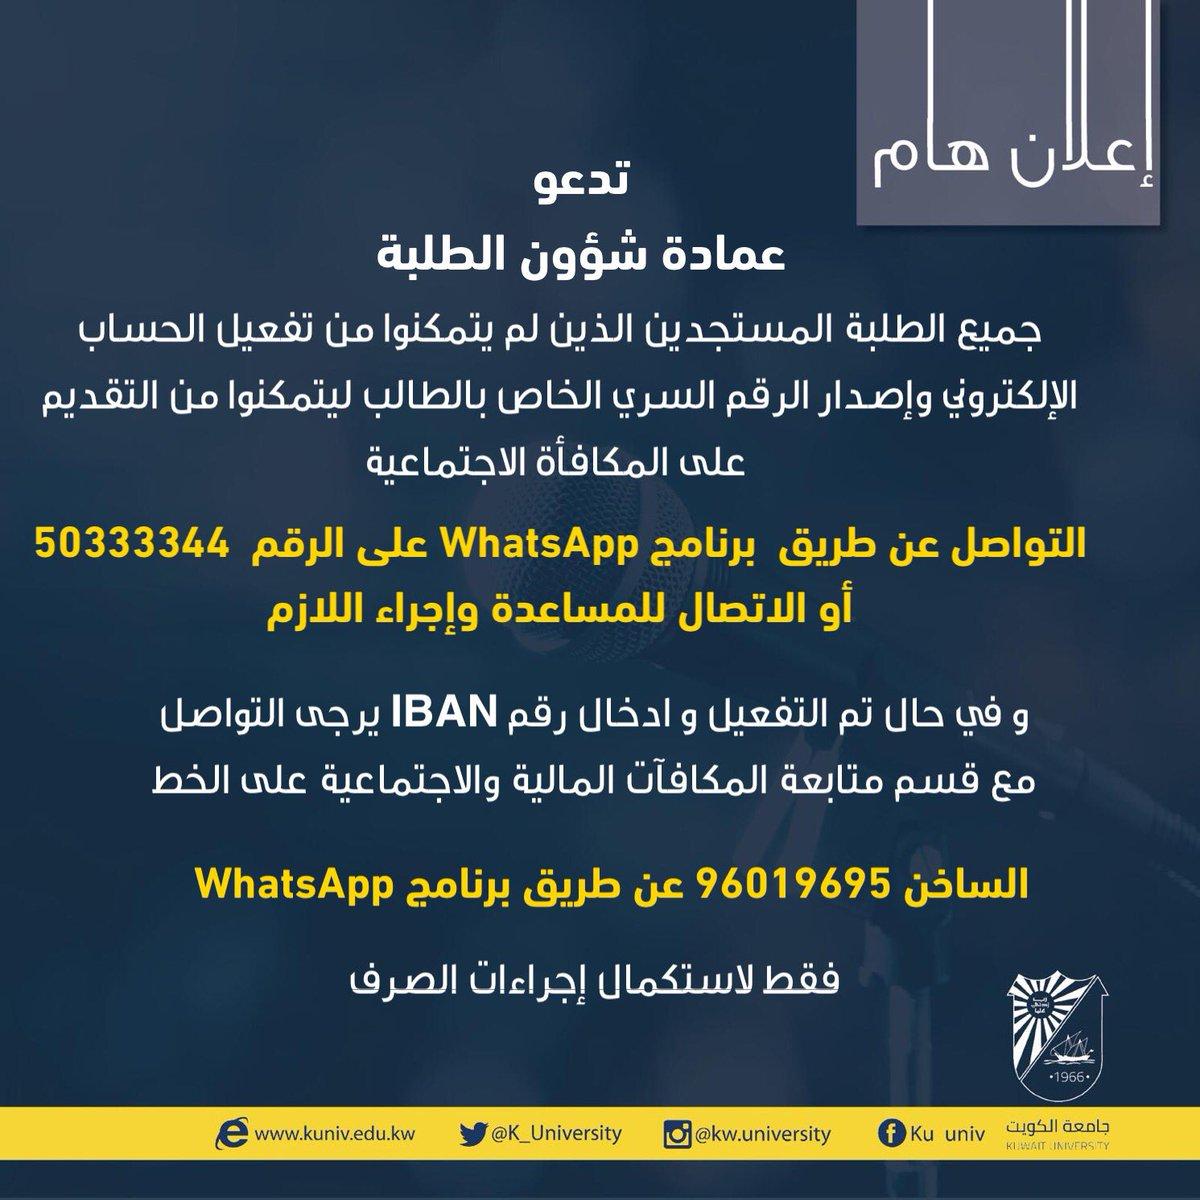 جامعة الكويت |   #الكويت #فيروس_كورونا #coronavirus #kuwait_university #ku #kuniv_edu #kuniv #جامعة_الكويت #الشدادية https://t.co/b8InwTPMXb